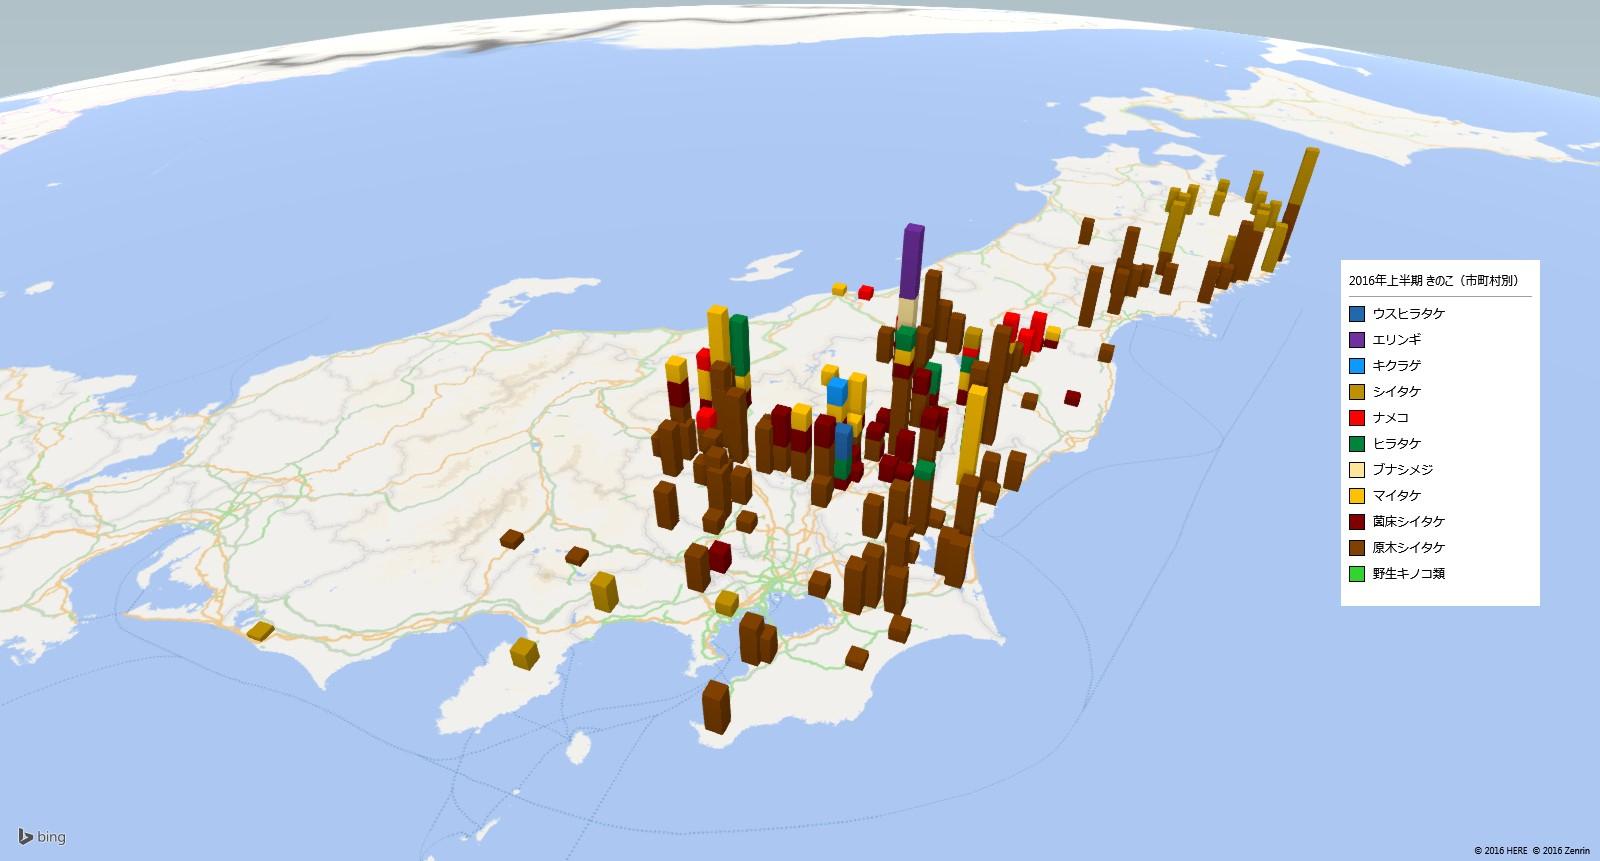 きのこの放射能検査地図(市町村別)